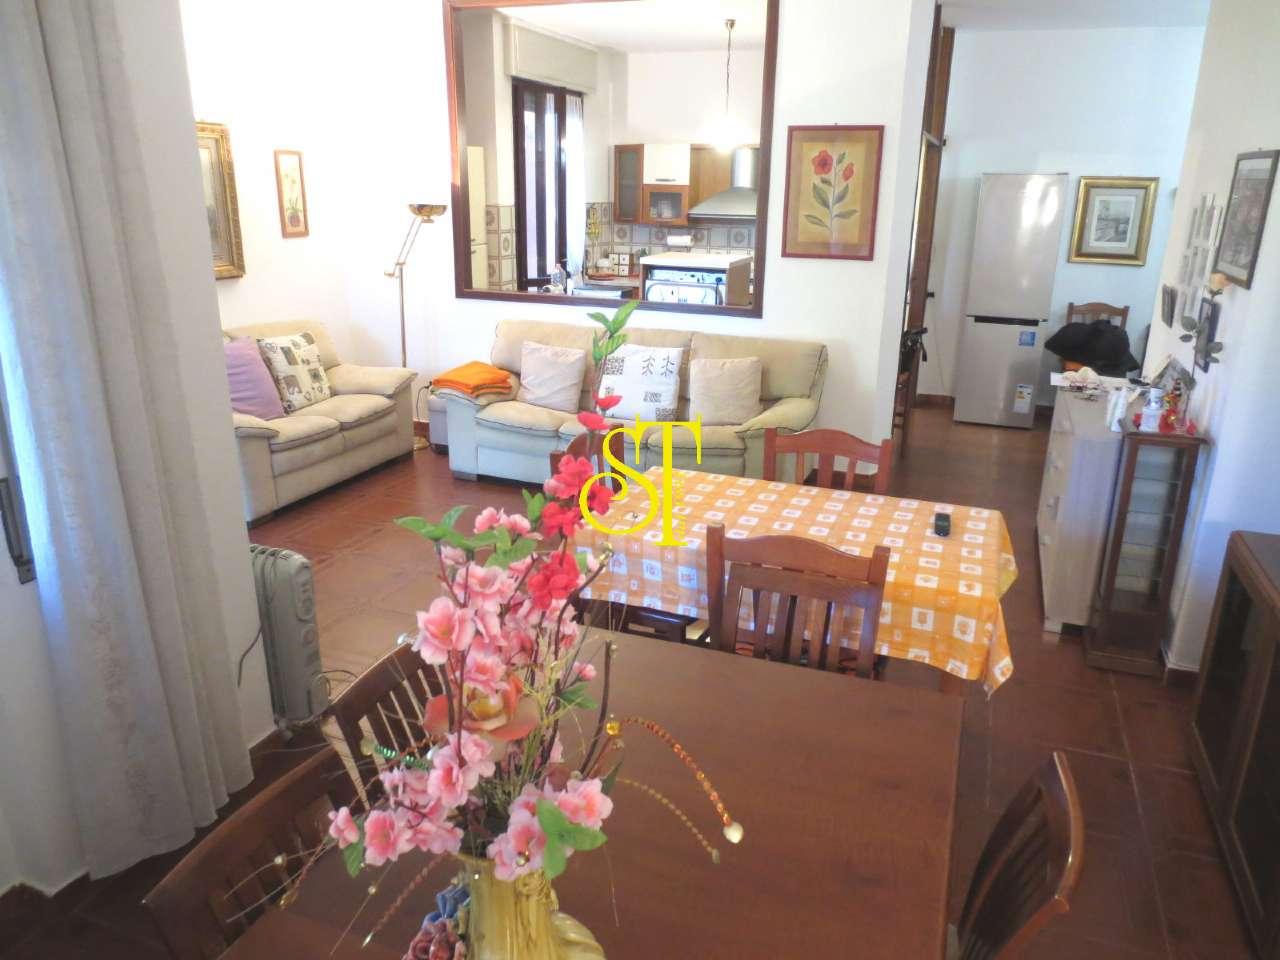 Appartamento in vendita a Bovisio Masciago, 4 locali, prezzo € 229.000 | PortaleAgenzieImmobiliari.it